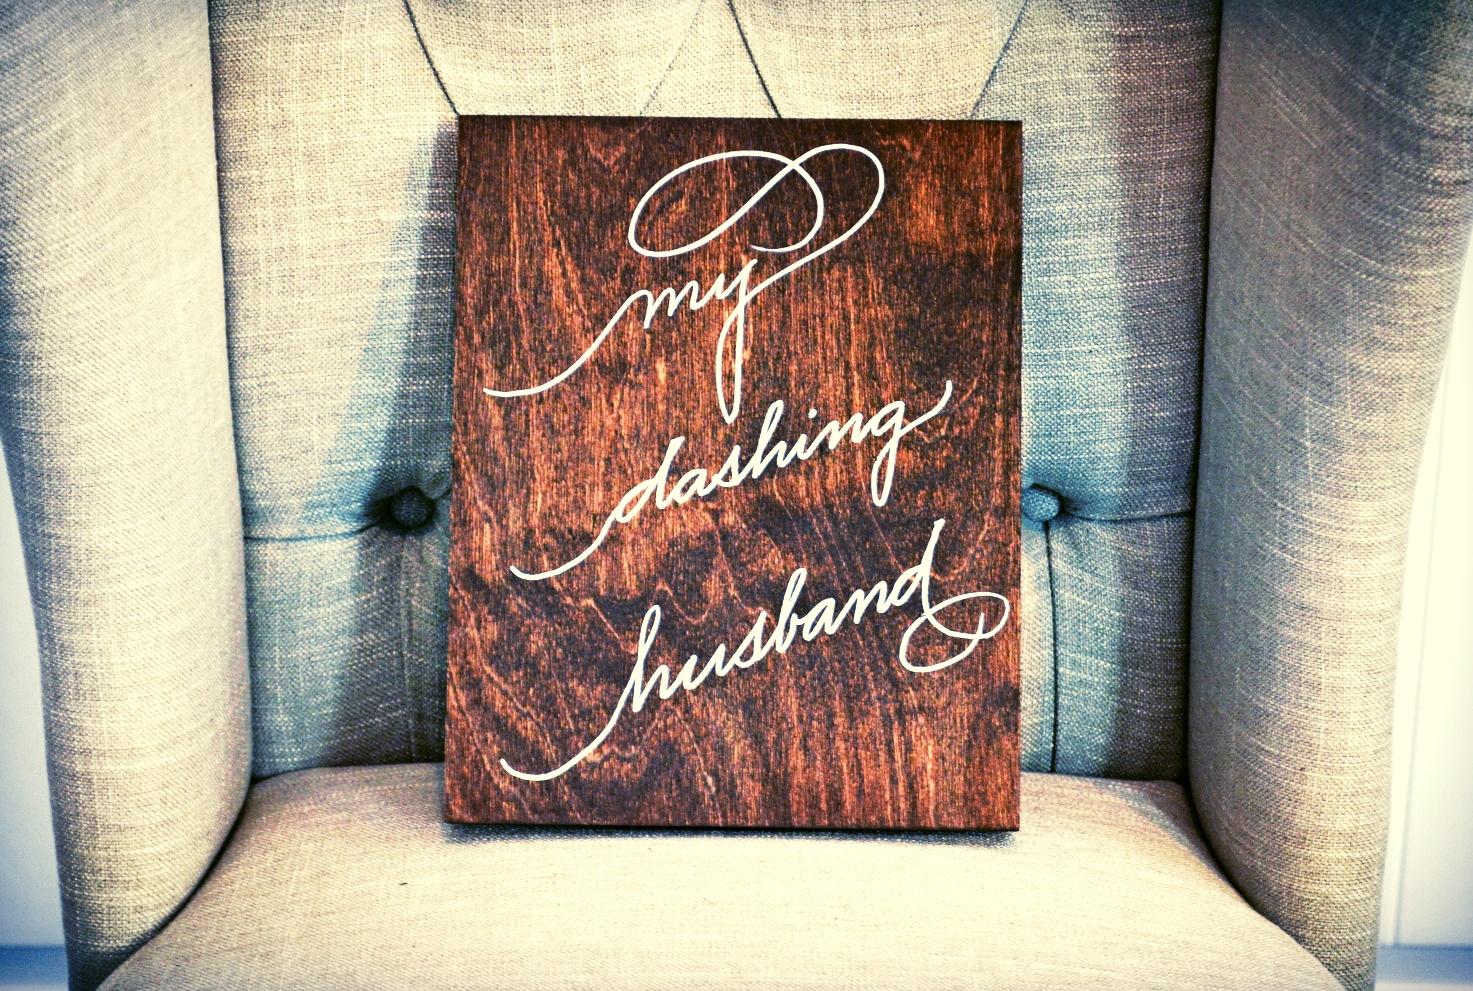 Houston Calligrapher Sign.JPG